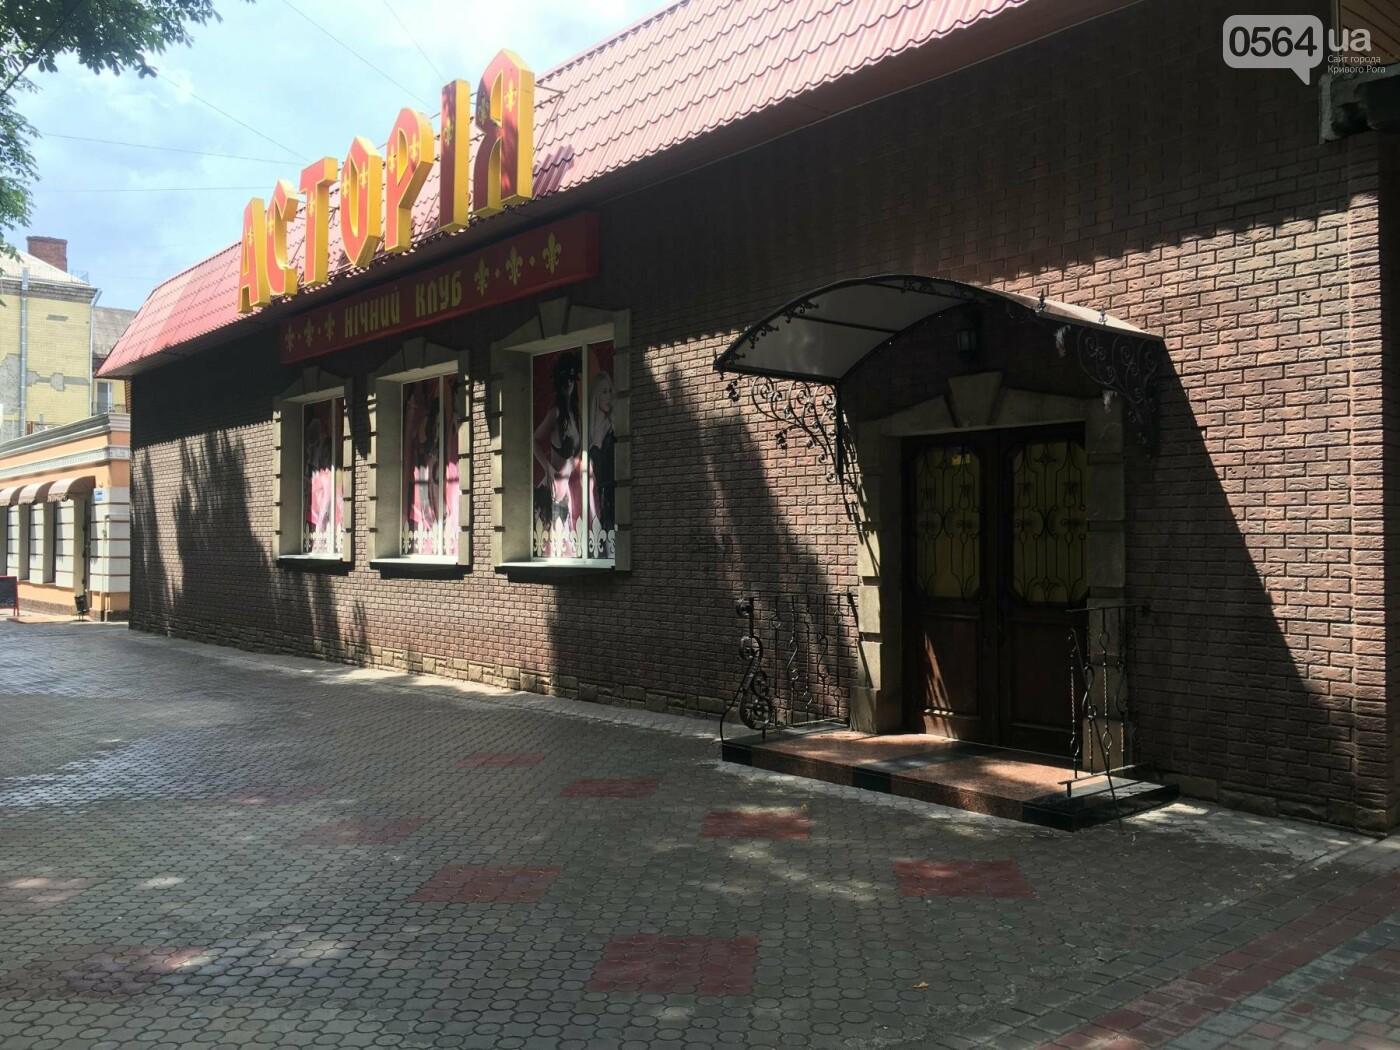 """""""Ждут штраф?"""": В Кривом Роге бизнесмены не спешат устанавливать урны возле своих магазинов, - ФОТО, фото-1"""